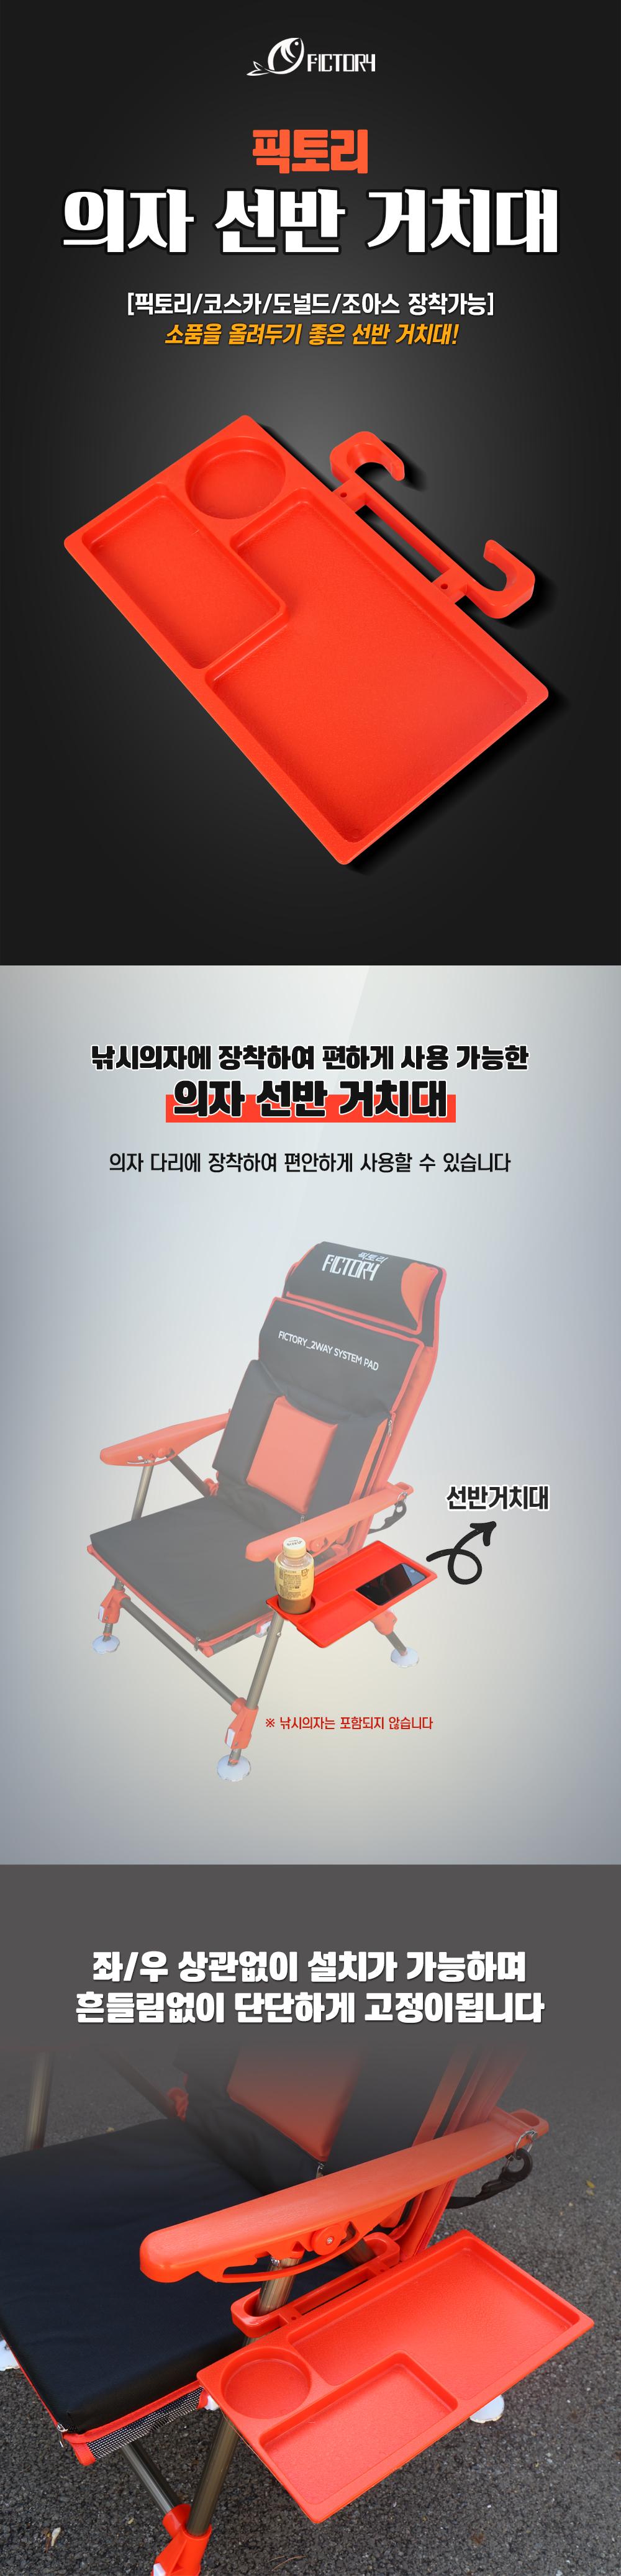 픽토리 의자 선반 거치대 의자사이드선반 의자선반 의자선반거치대 의자거치대선반 선반